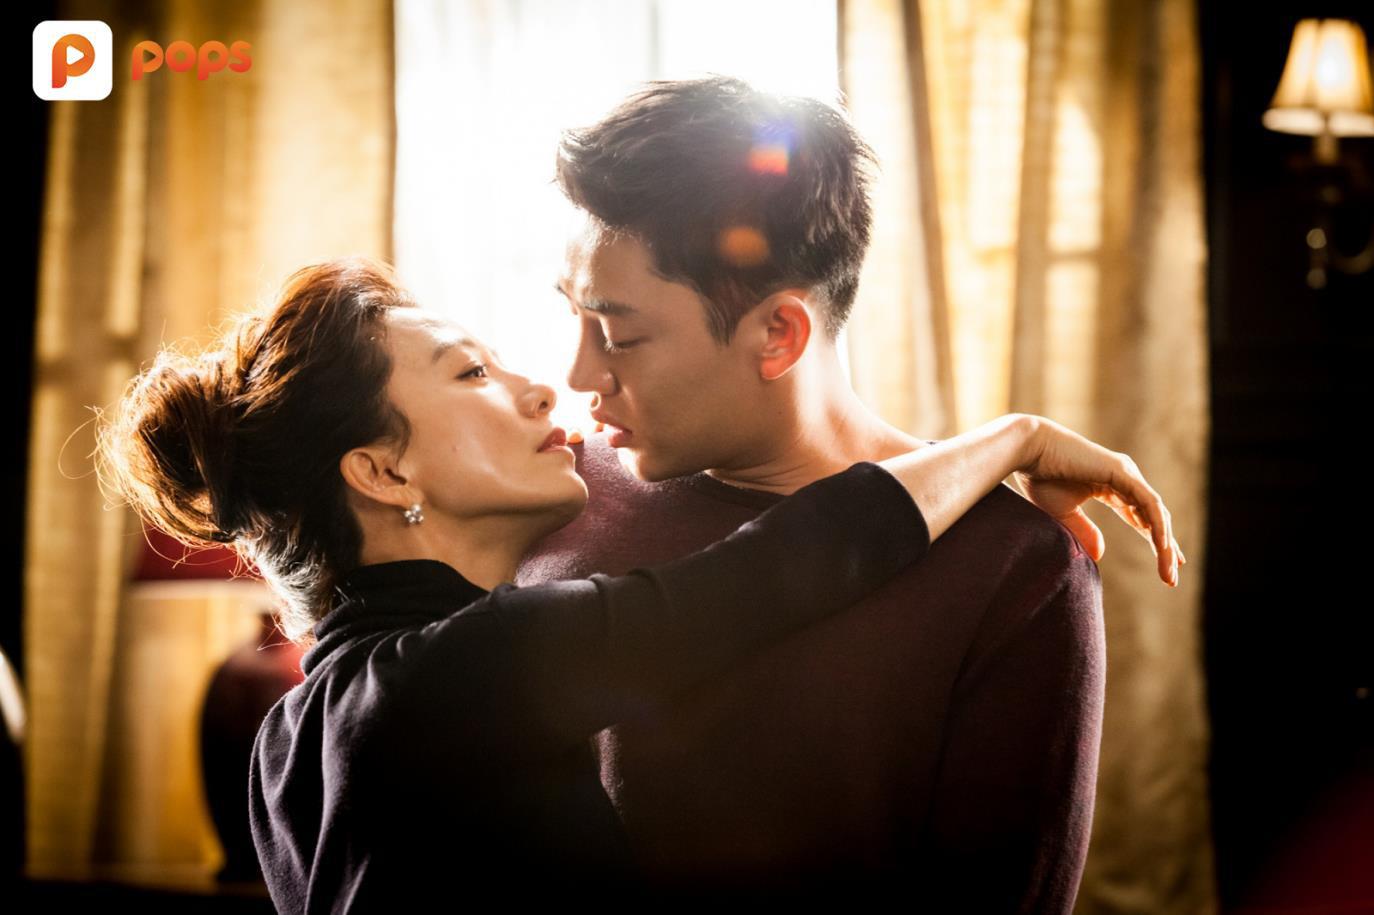 6 điện ảnh xứ hàn bất tử theo thời gian, quy tụ toàn tình đầu quốc dân: Lee Joon-gi, Ji Chang-wook, Yoona đã trở lại - Ảnh 2.